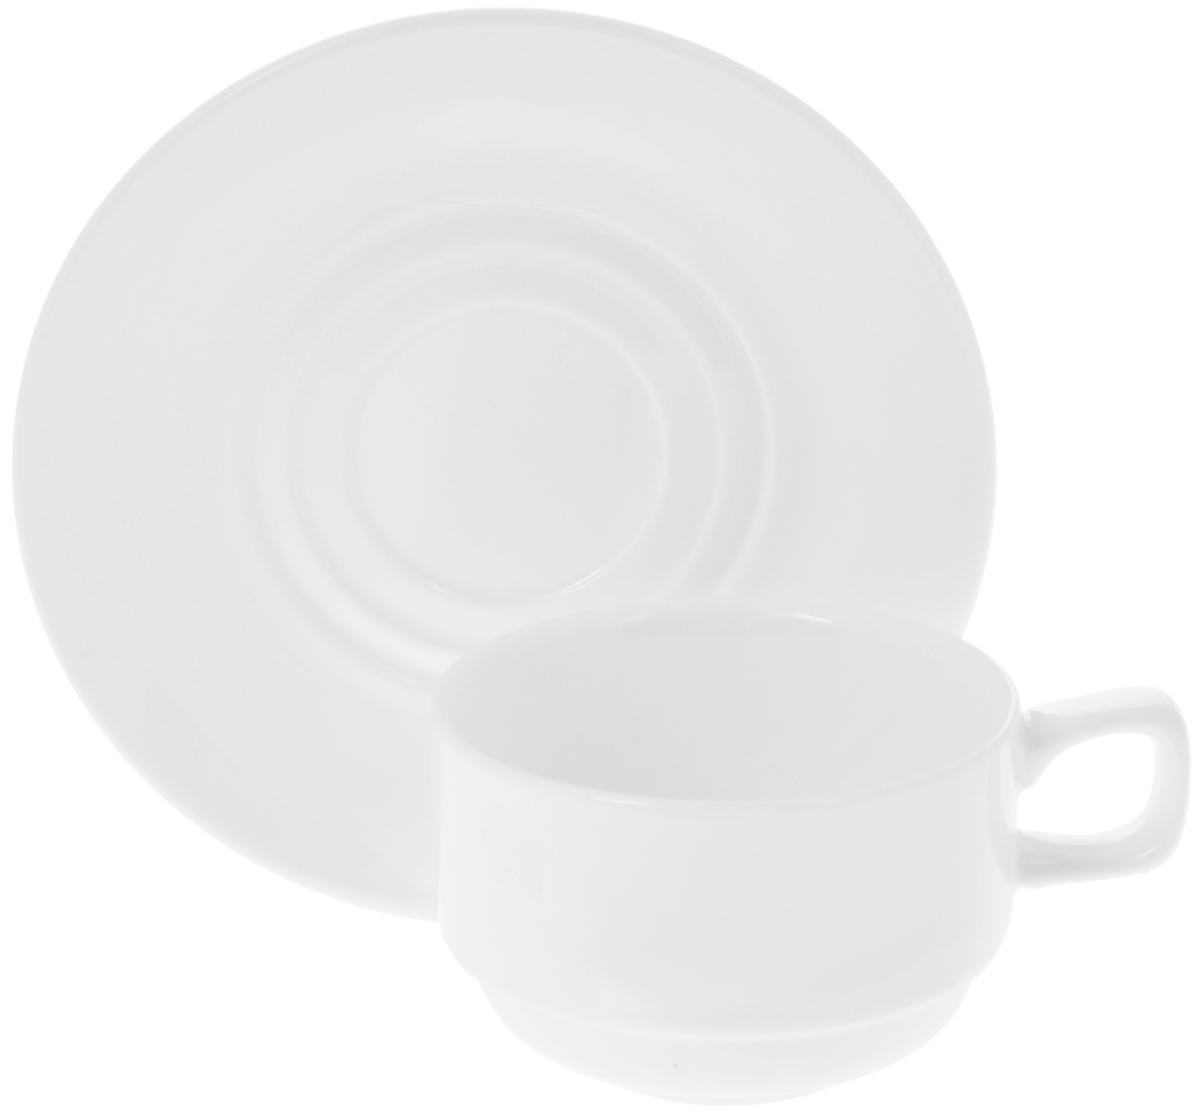 Чайная пара Wilmax, 2 предмета. WL-993008 / AB68/5/3Чайная пара Wilmax состоит из чашки и блюдца, выполненных из высококачественного фарфора и оформленных в классическом стиле. Оригинальный дизайн, несомненно, придется вам по вкусу. Чайная пара Wilmax украсит ваш кухонный стол, а также станет замечательным подарком к любому празднику.Объем чашки: 220 мл.Диаметр чашки (по верхнему краю): 8,5 см.Диаметр дна чашки: 4,5 см.Высота чашки: 5,5 см.Диаметр блюдца: 15 см.